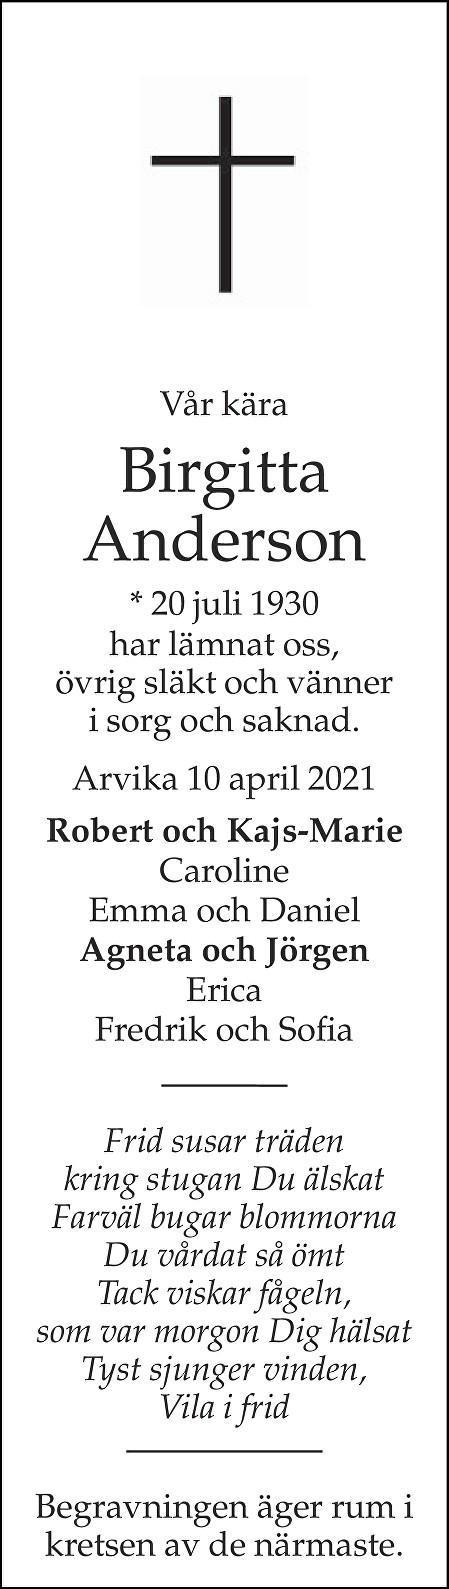 Birgitta Anderson Death notice